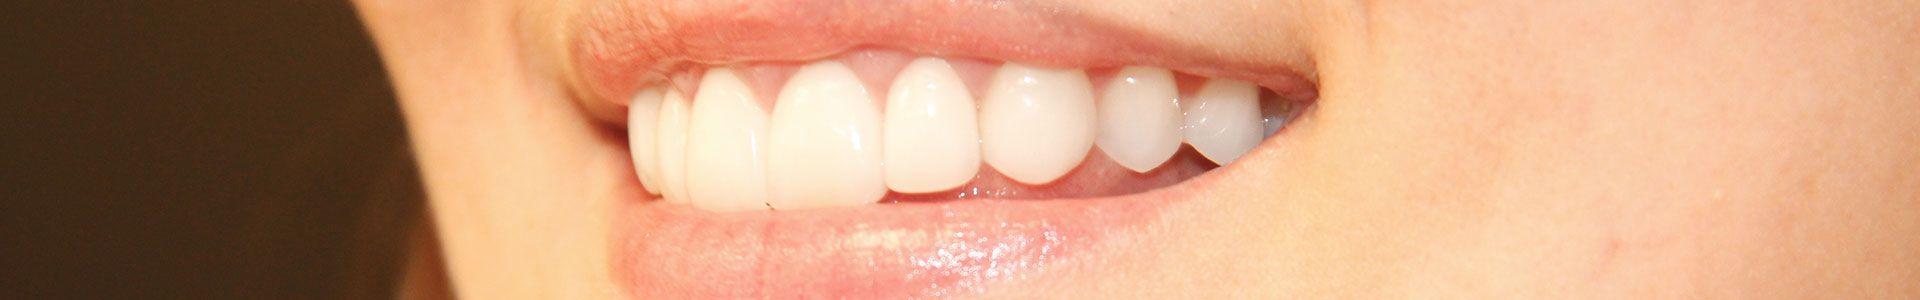 Tenha um lindo sorriso com Lente de Contato Dental